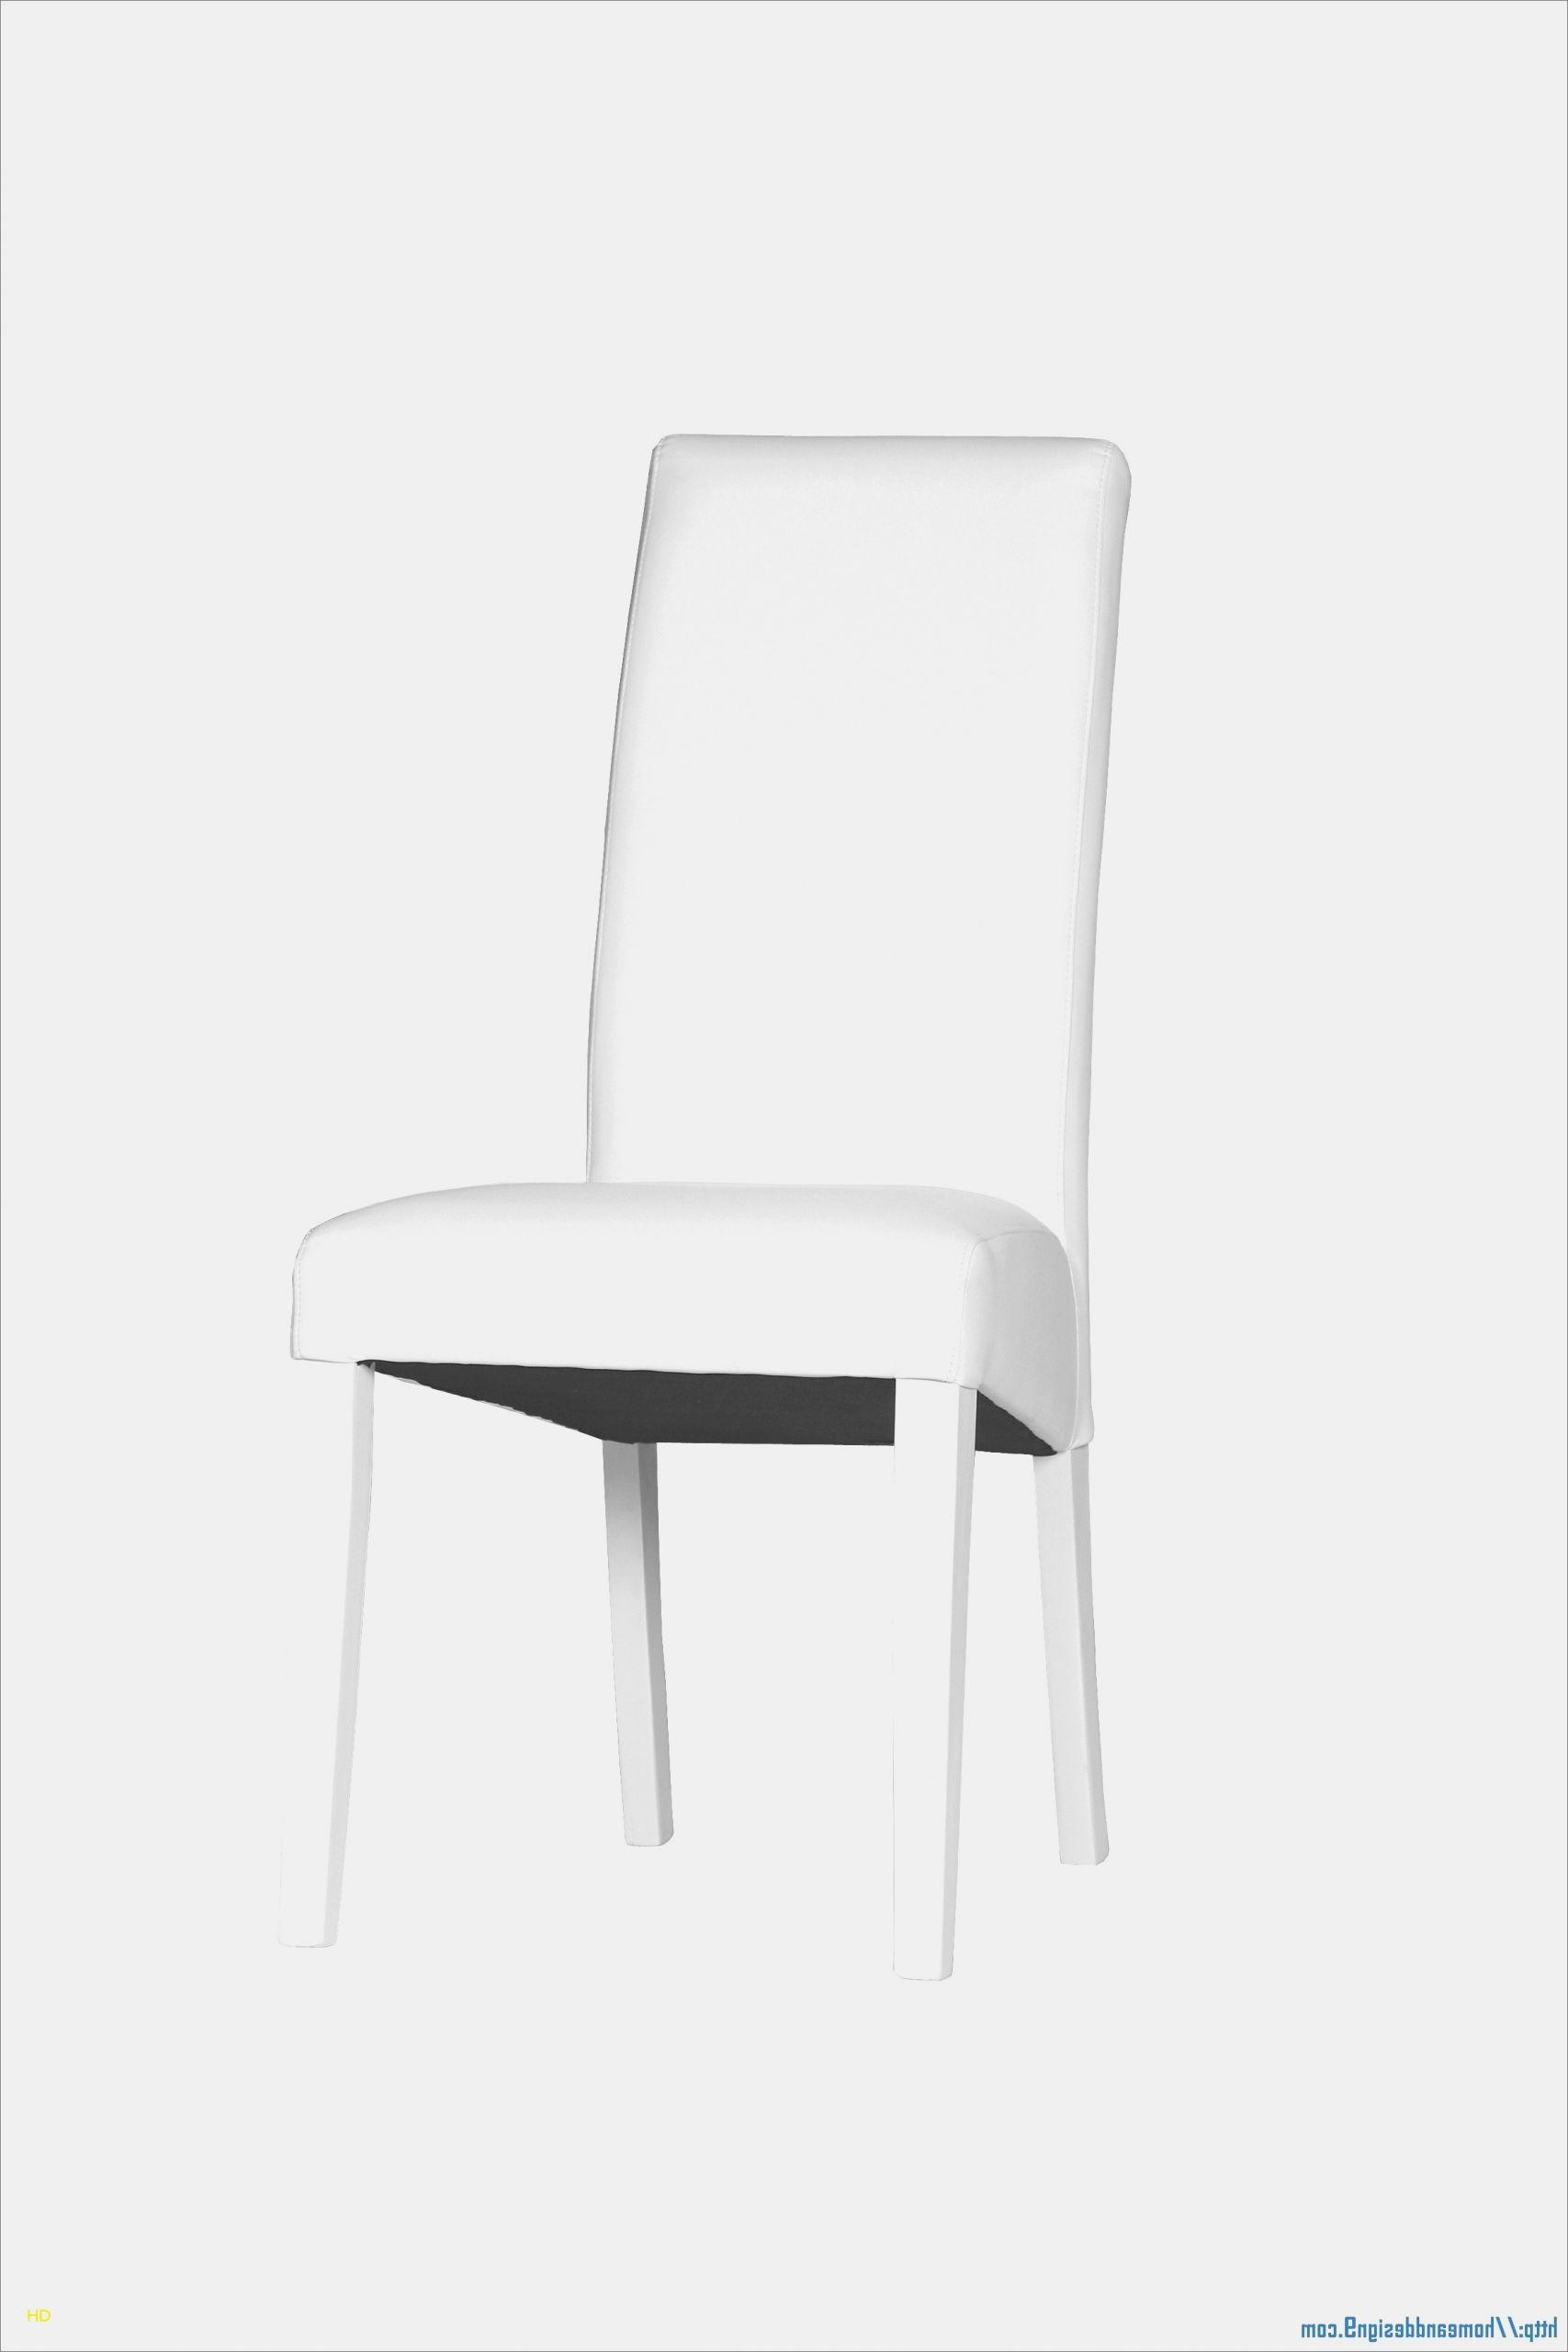 Meubles De Jardin Luxe Empilable Ikea Adde Chaise Noir Meubles Maison Meubles Chaises